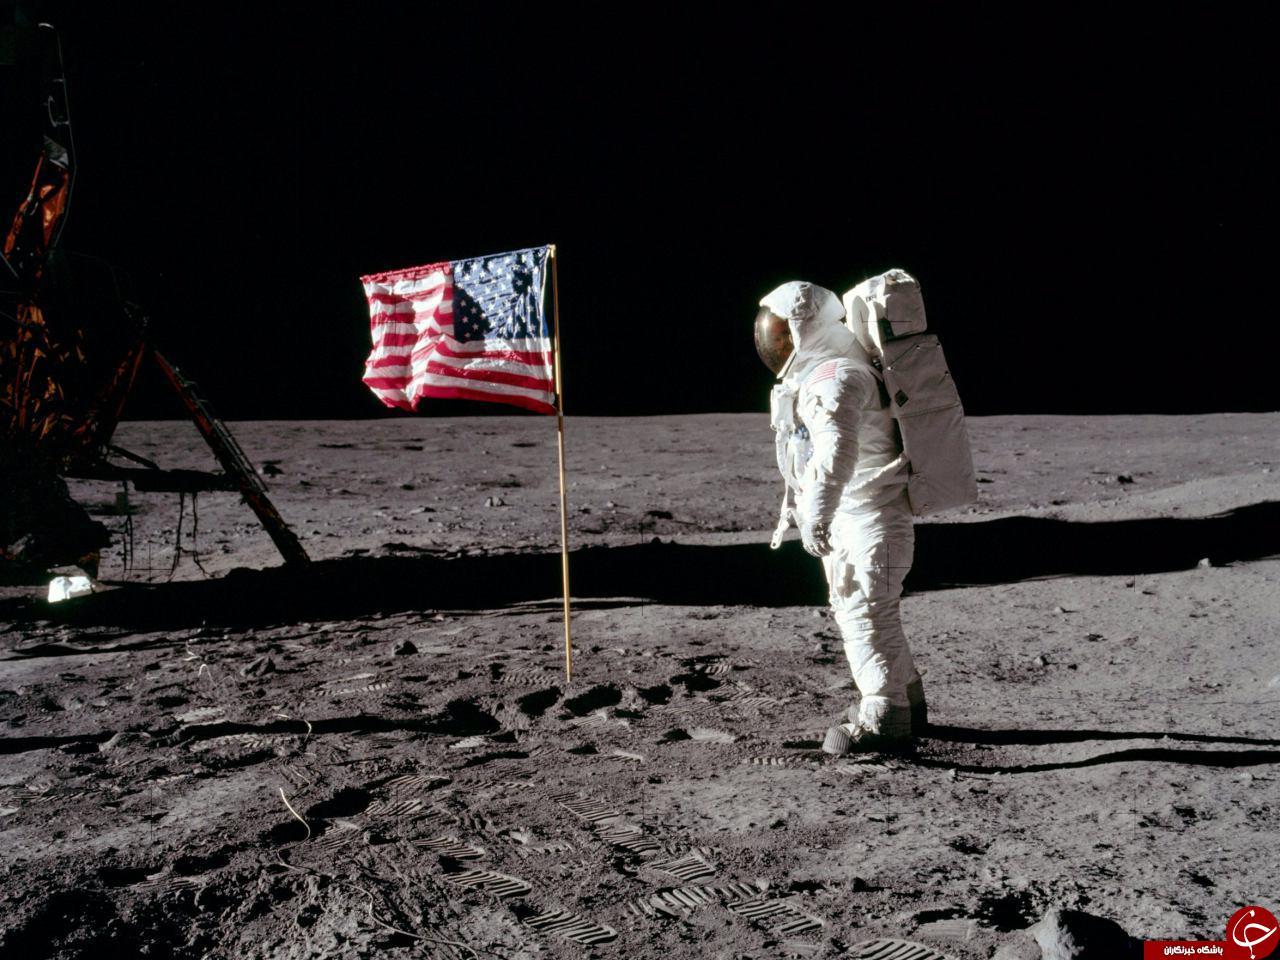 عجیب ترین فضانوردان تاریخ جهان/ عجیب ترین وسایلی که به فضا پرتاب شدند